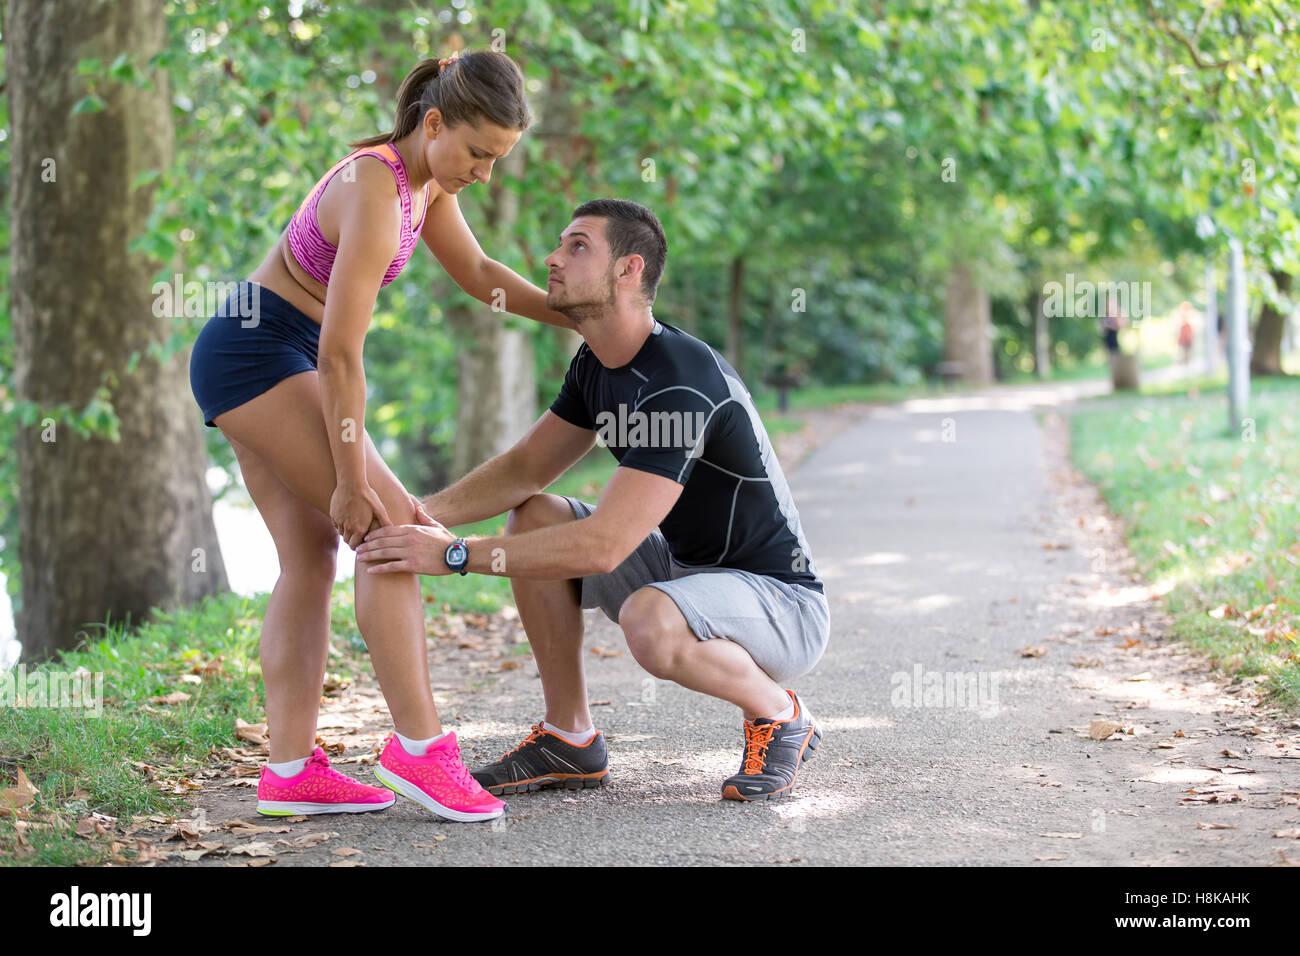 El hombre ayuda a la mujer con la rodilla lesionada en la actividad deportiva Foto de stock